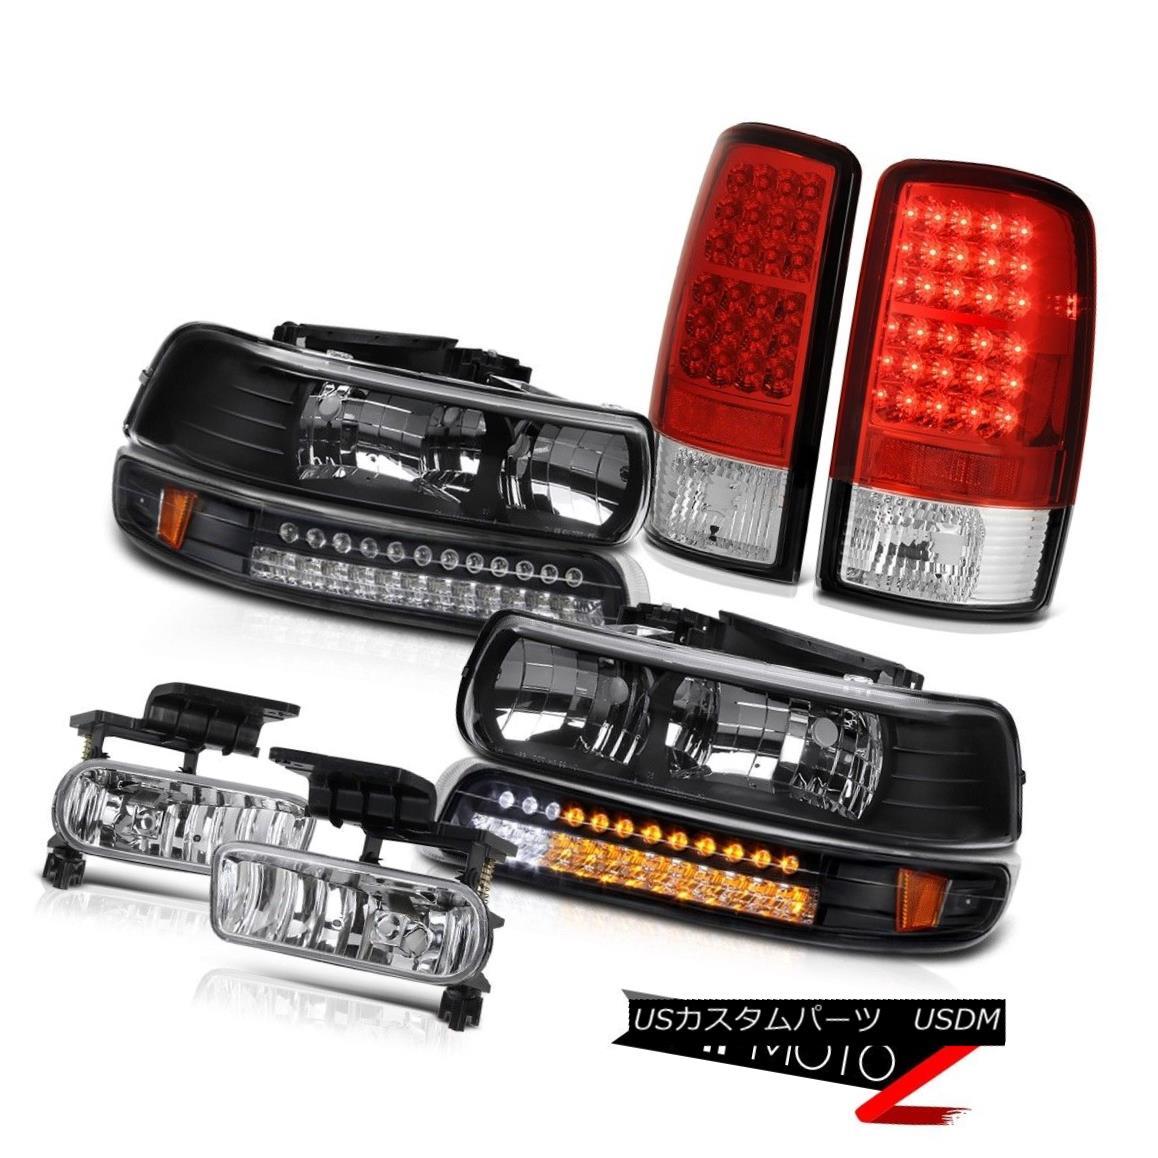 テールライト Black Headlamps SMD Turn Signal LED Tail Lights Bumper Fog 2000-2006 Suburban LS ブラックヘッドランプSMDターンシグナルLEDテールライトバンパーフォグ2000-2006郊外LS